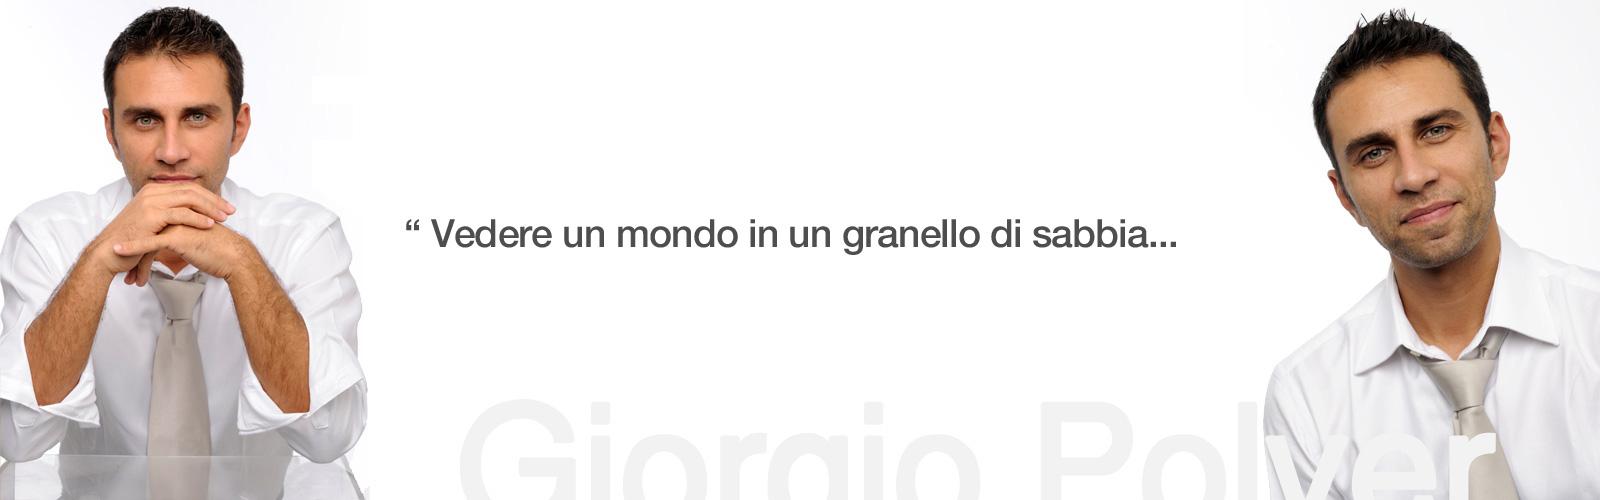 giorgio2[1]